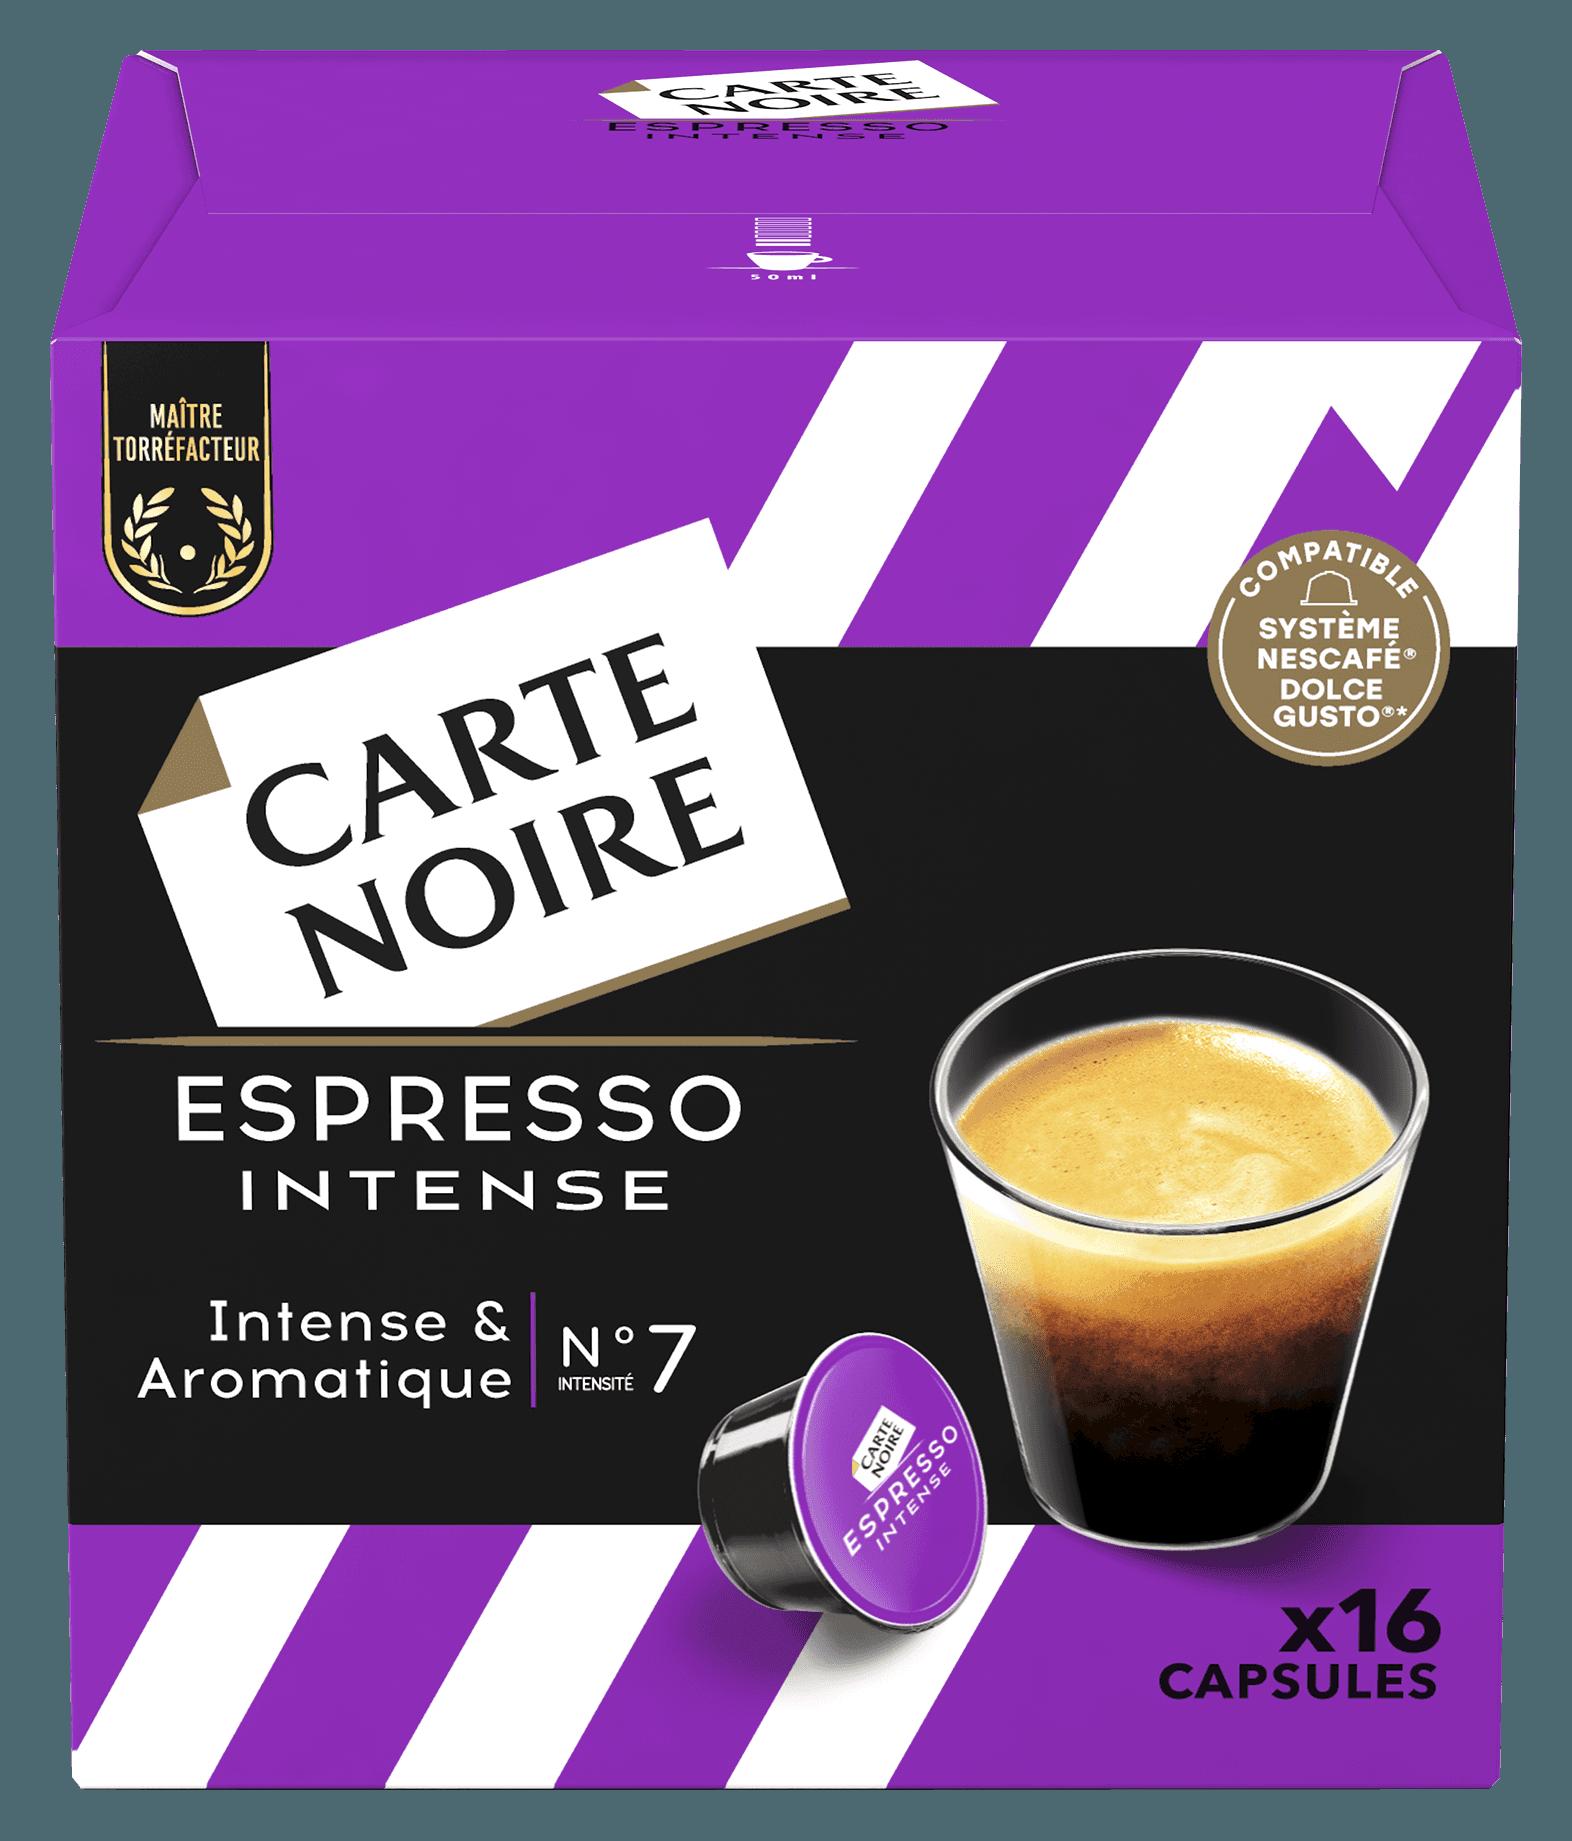 ESPRESSO INTENSE x16 - Café torréfié moulu en capsules